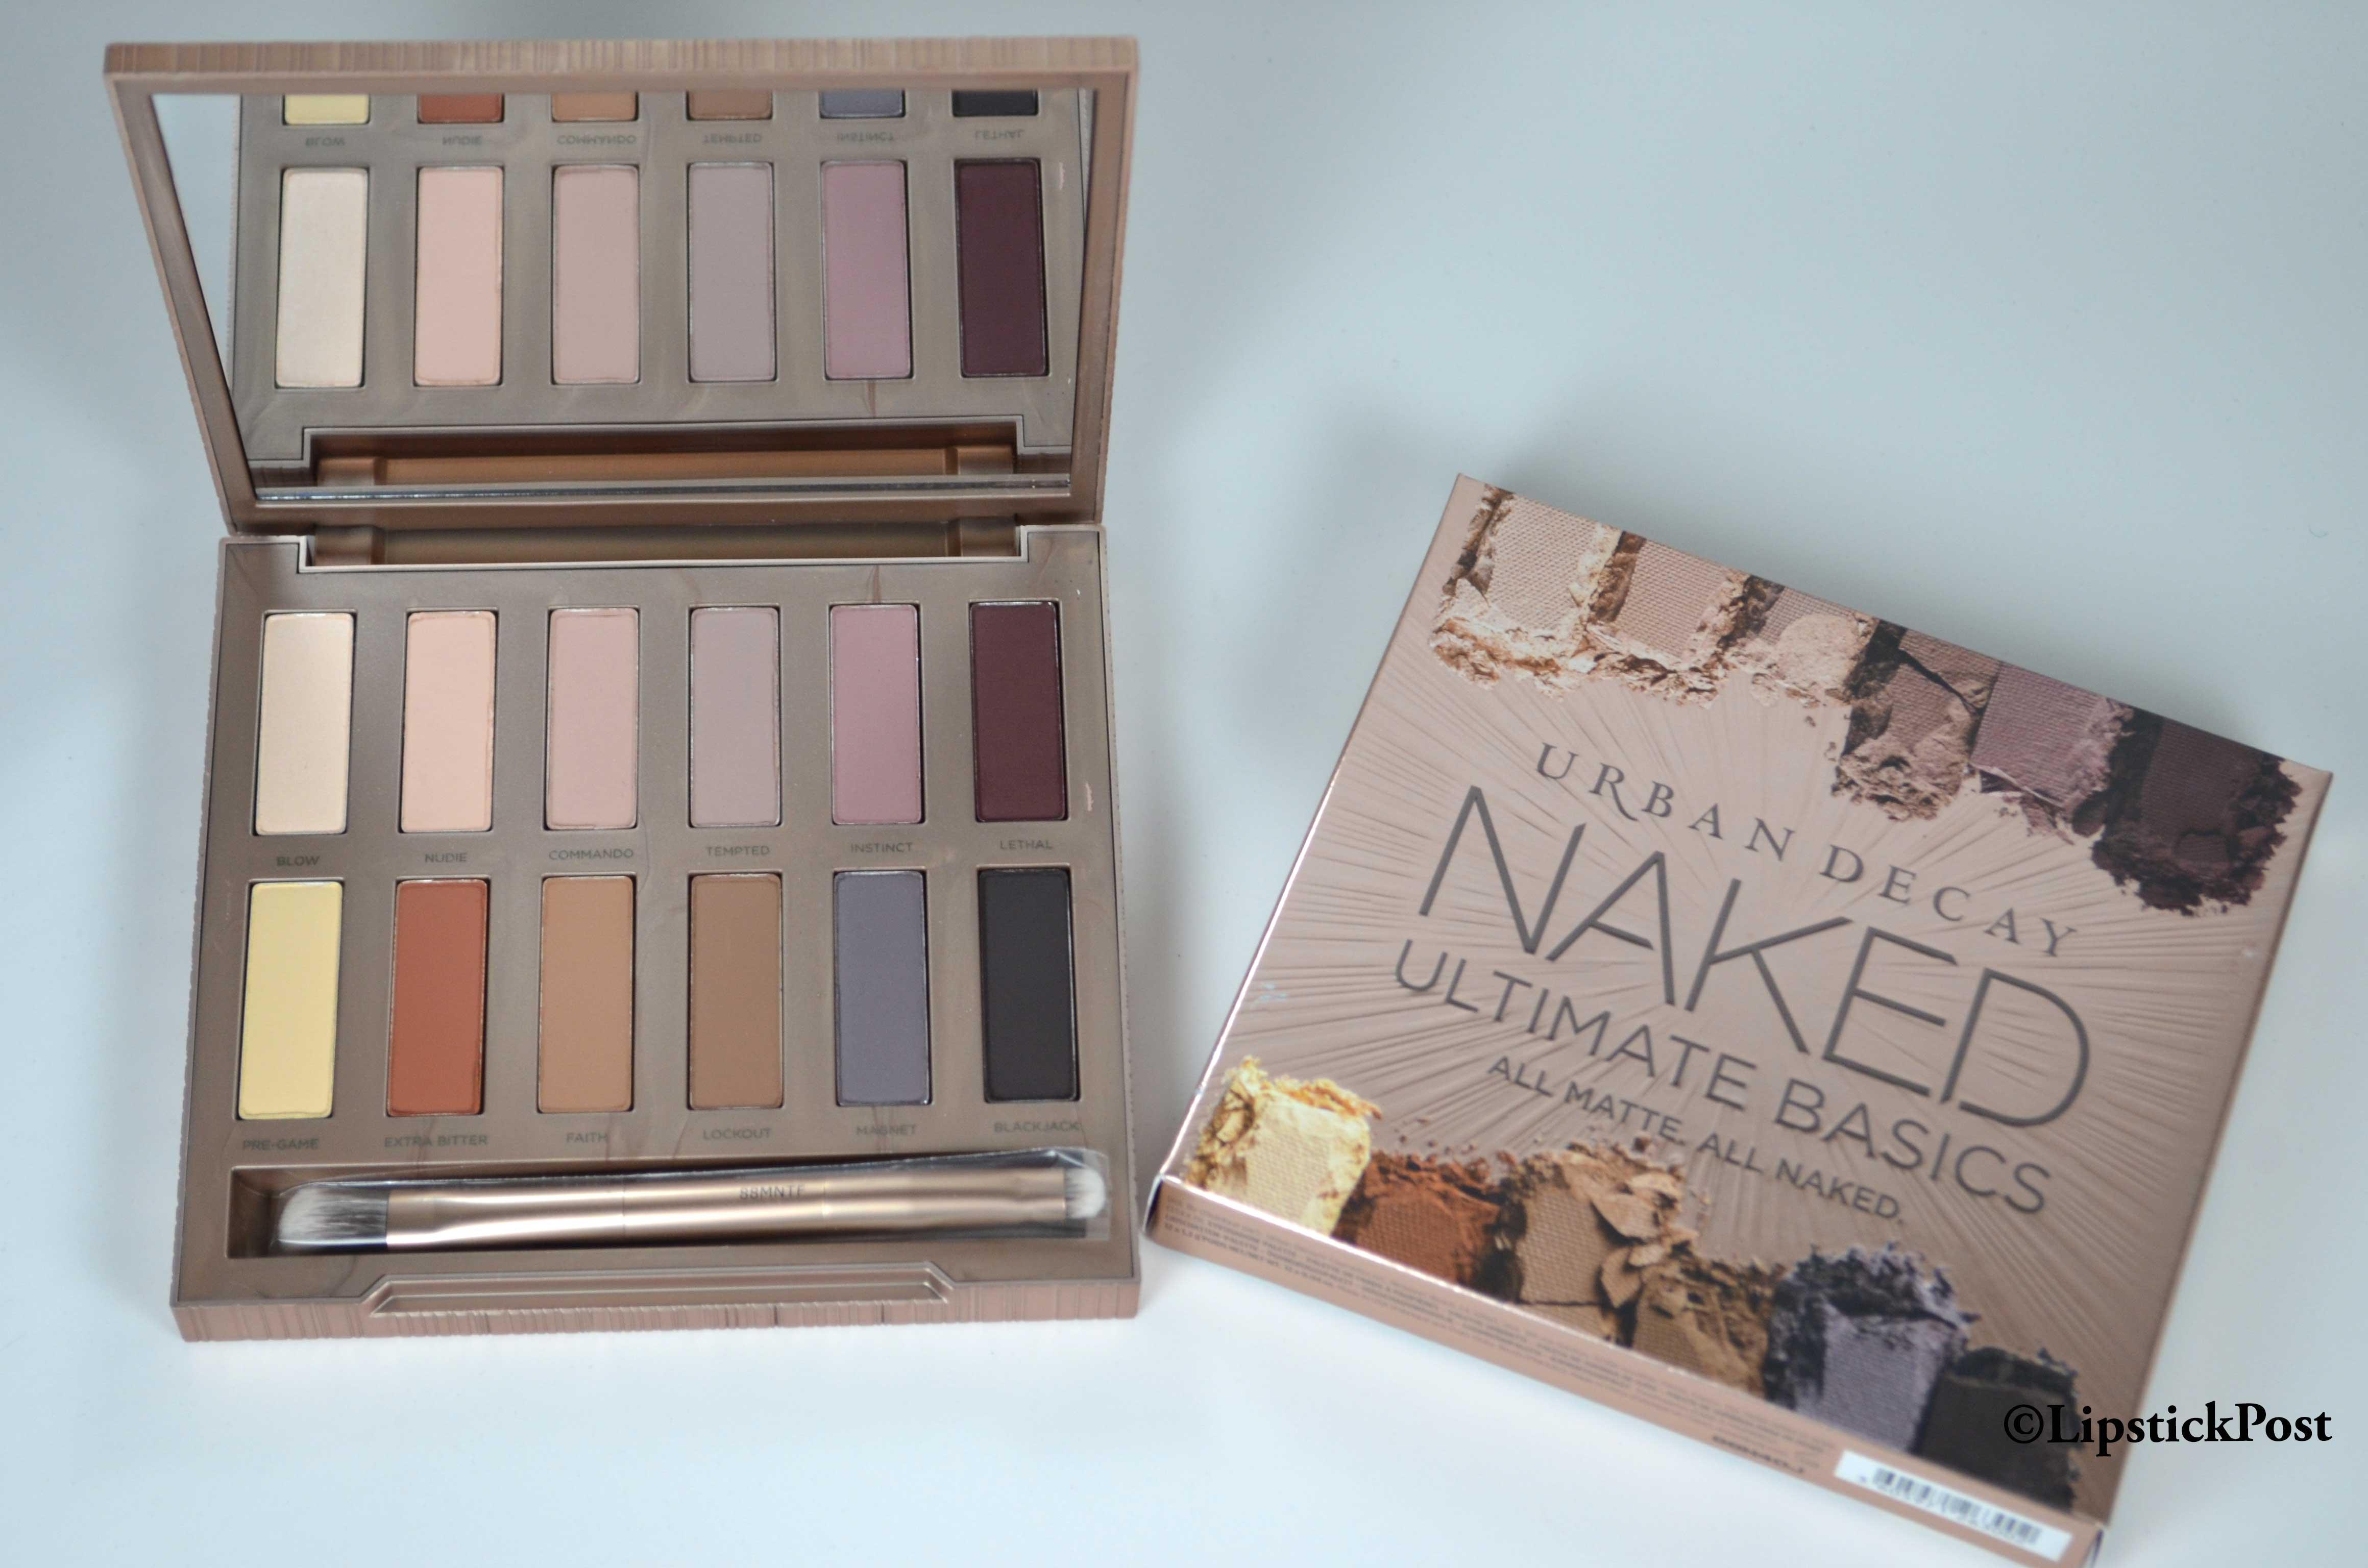 naked-ultimate-basics